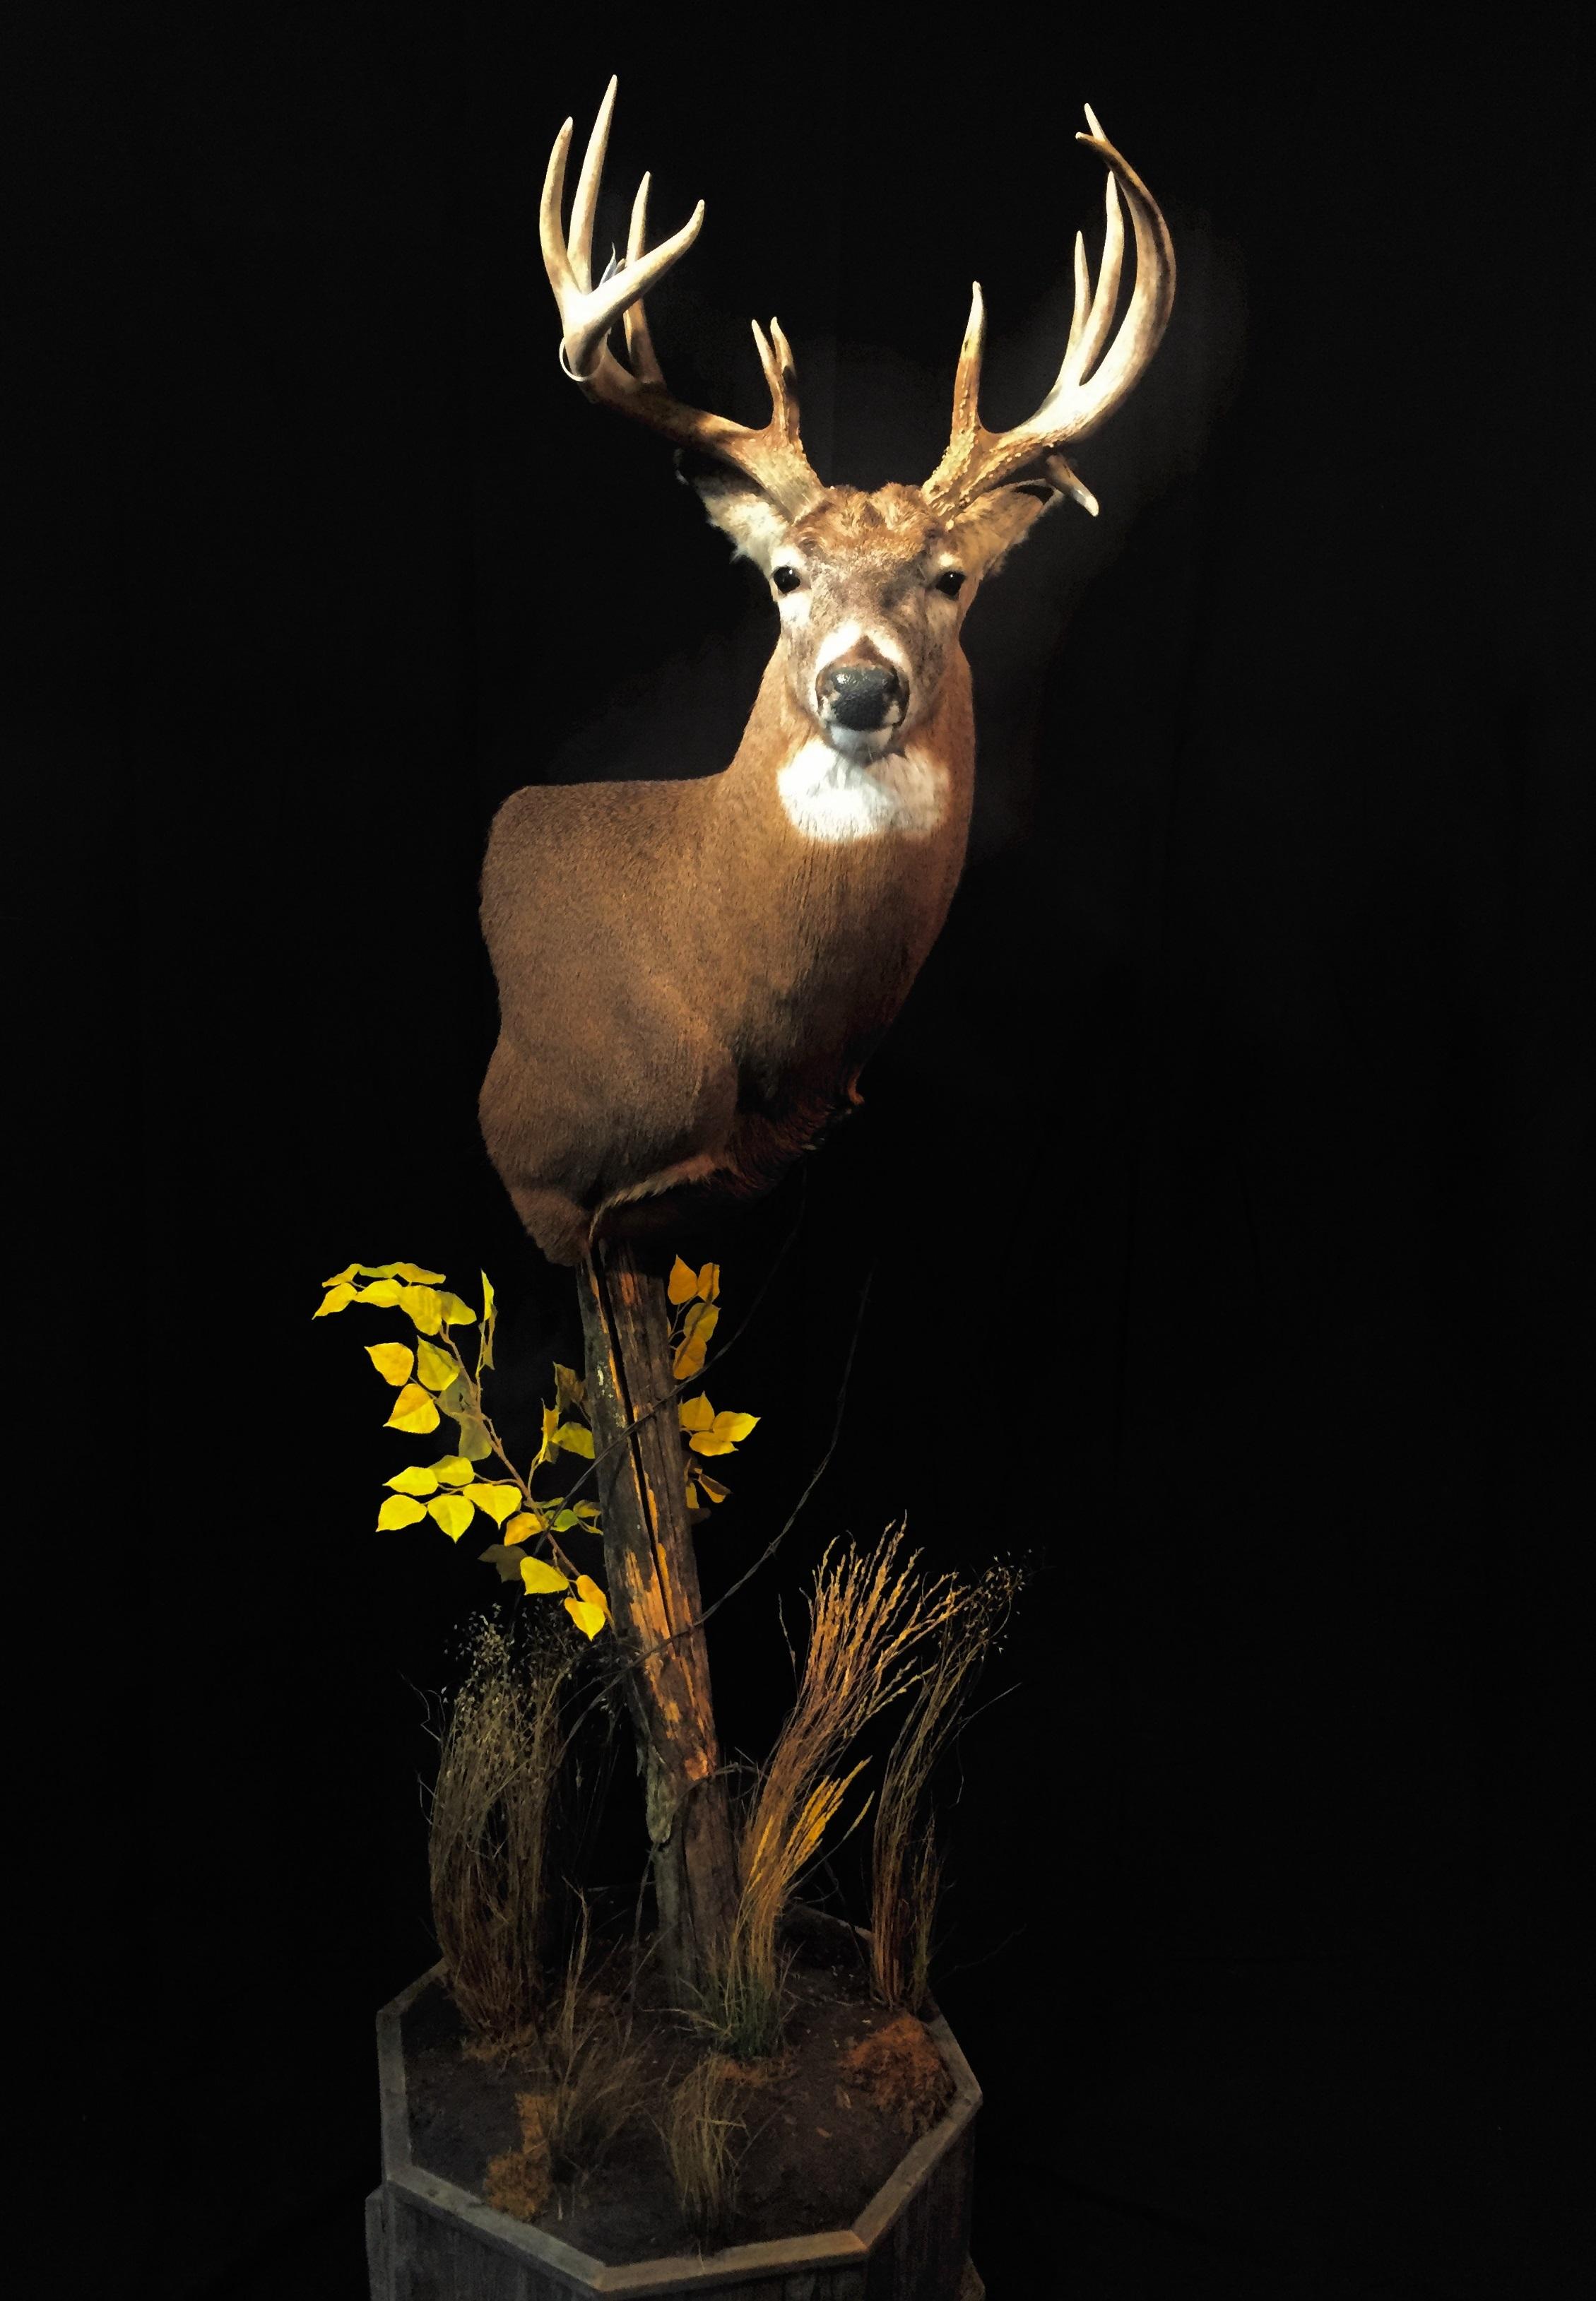 Deer-Ped-Cropped-2